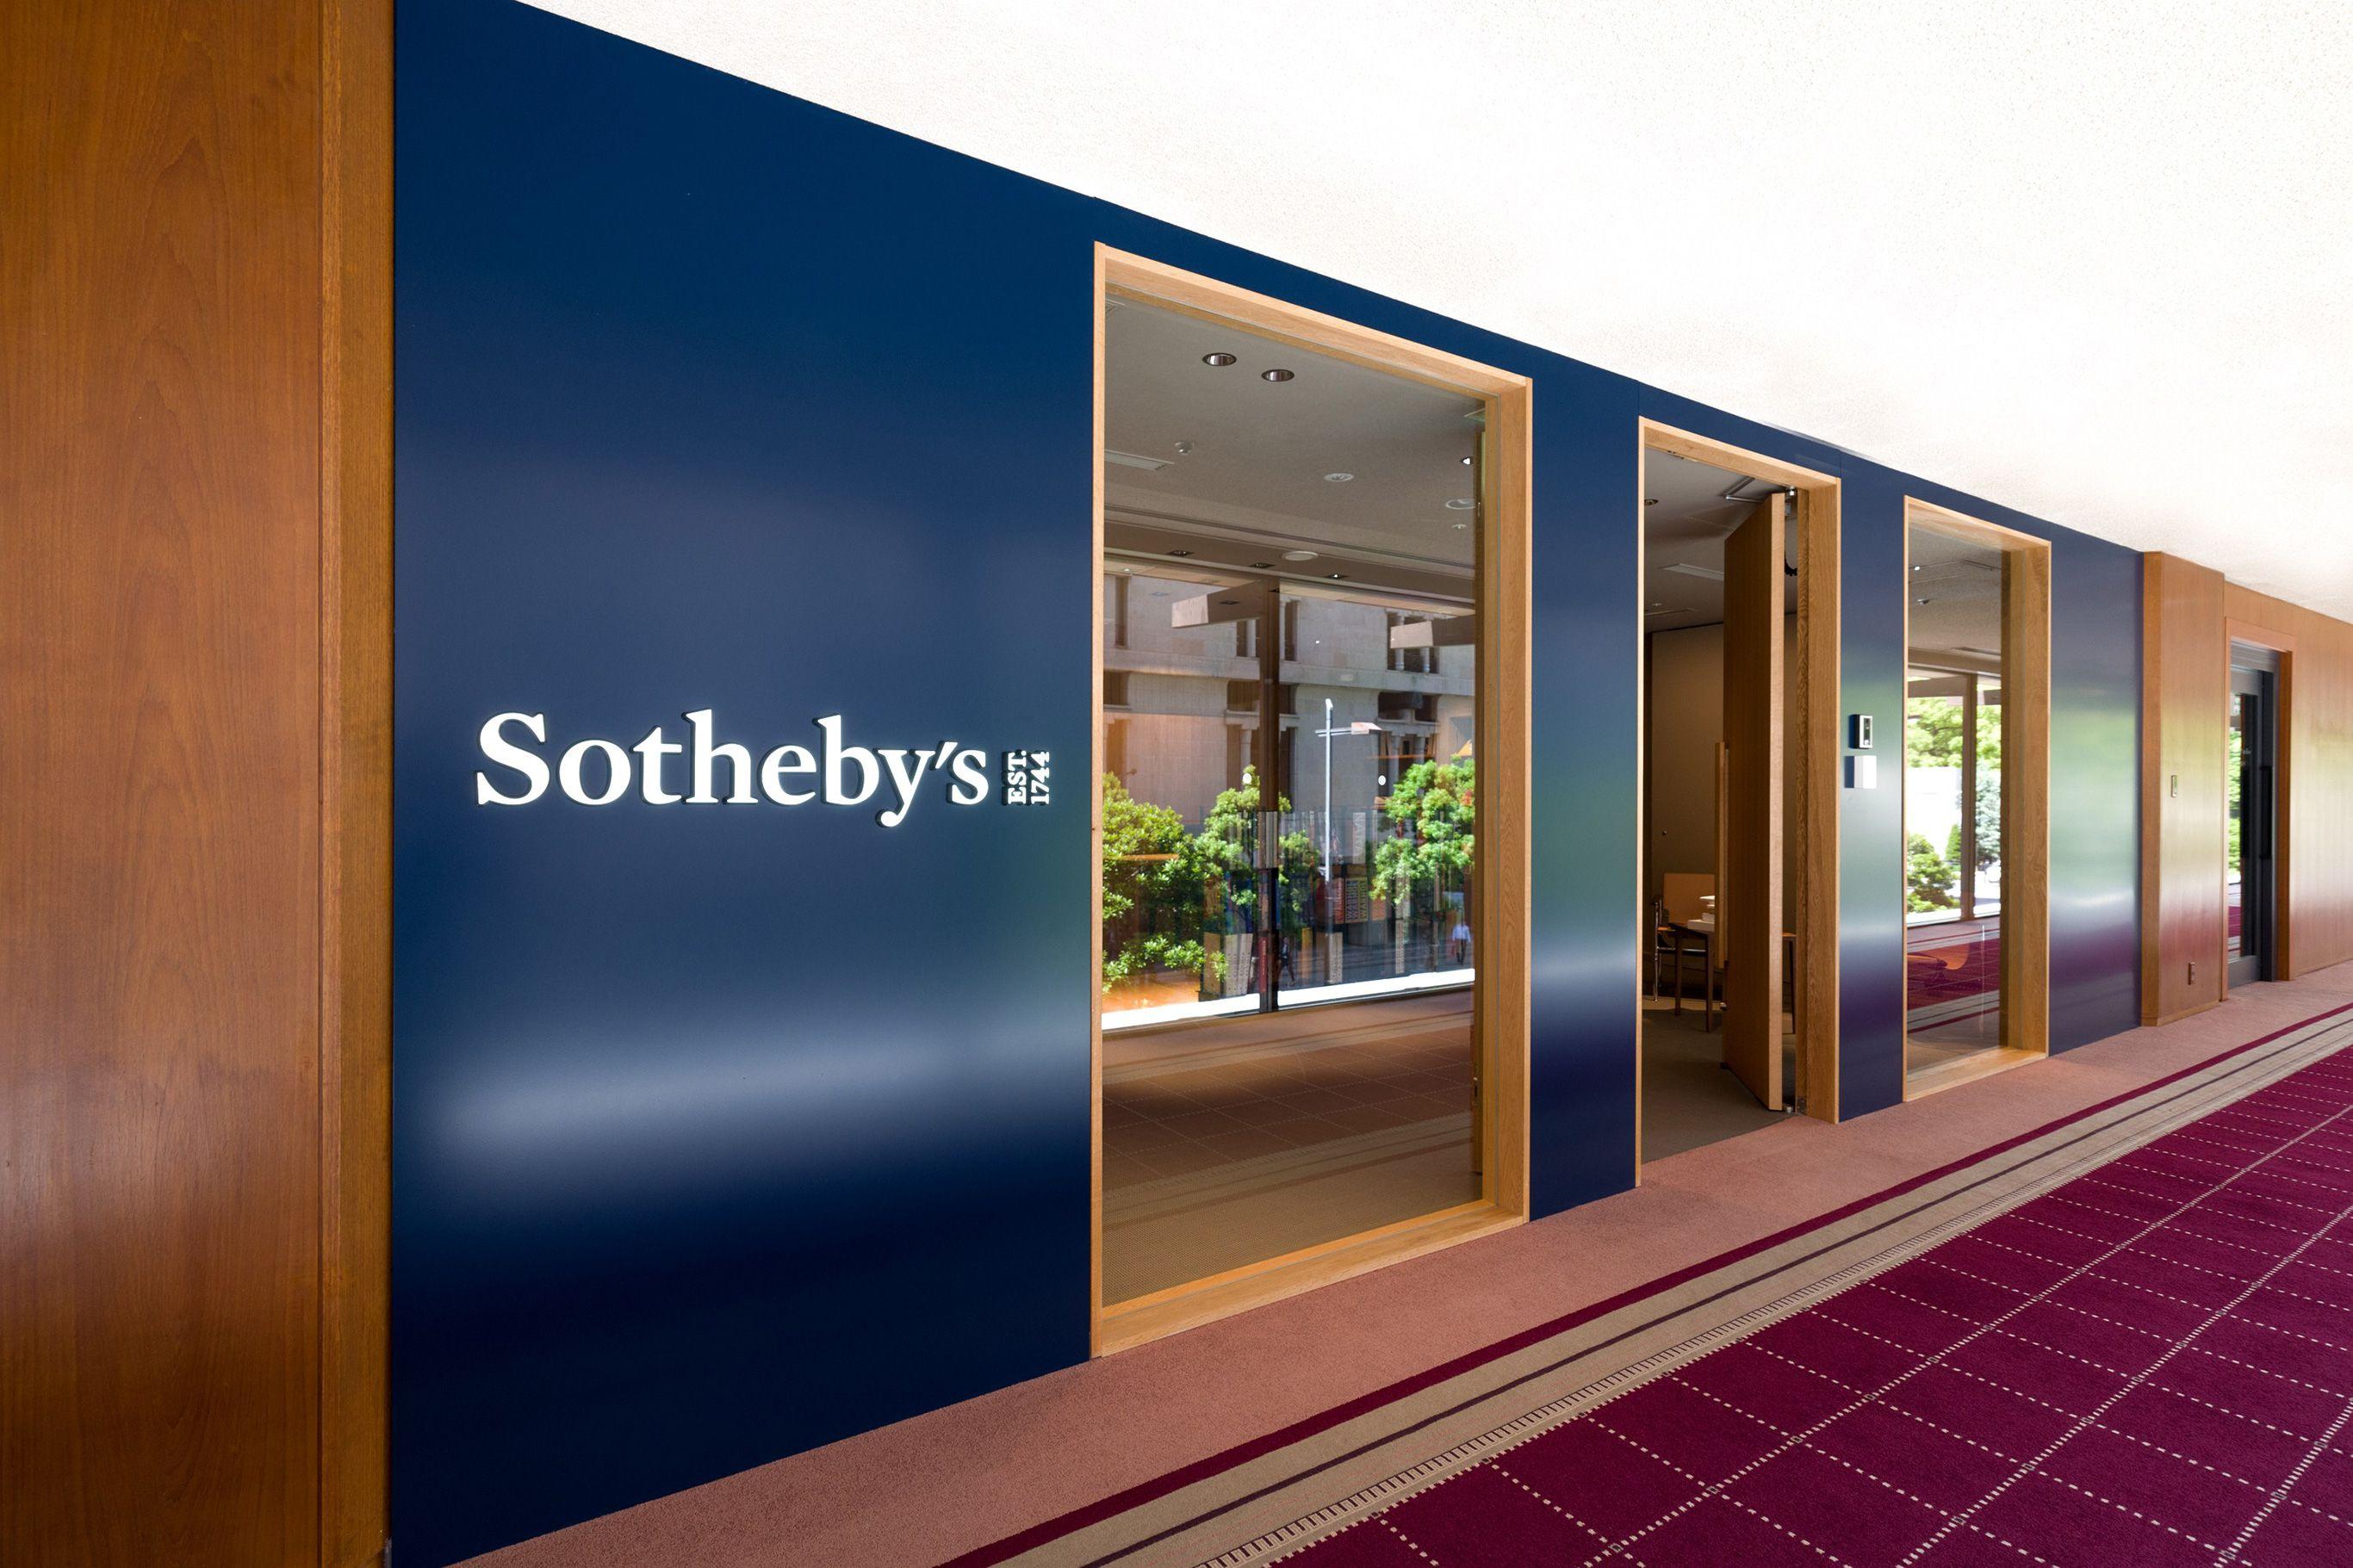 日本初となるサザビーズの店舗が、東京都千代田区の帝国ホテル本館 中2階へオープン © Sotheby's